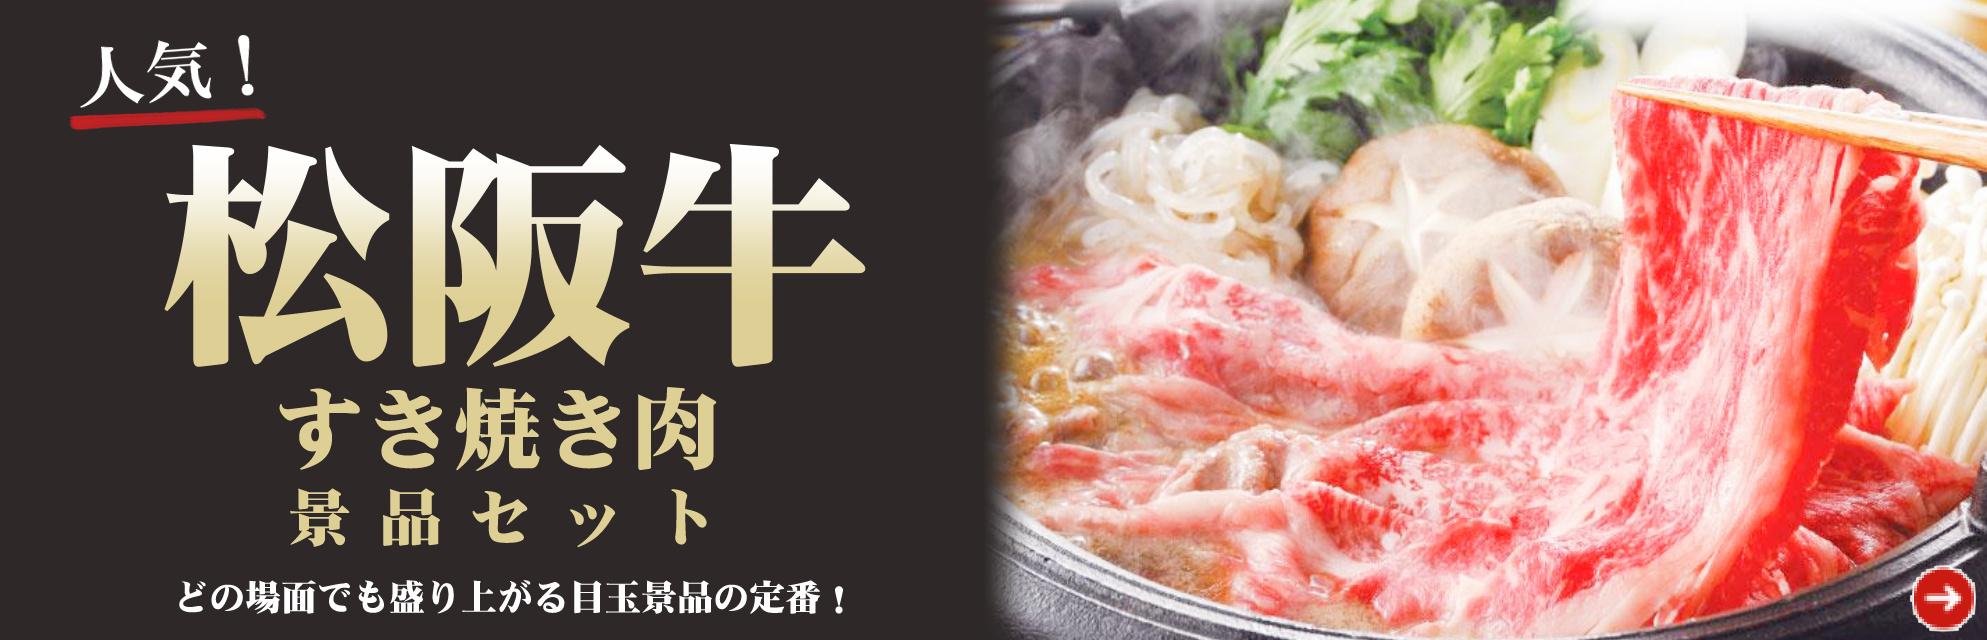 人気!松阪牛すき焼き肉セット